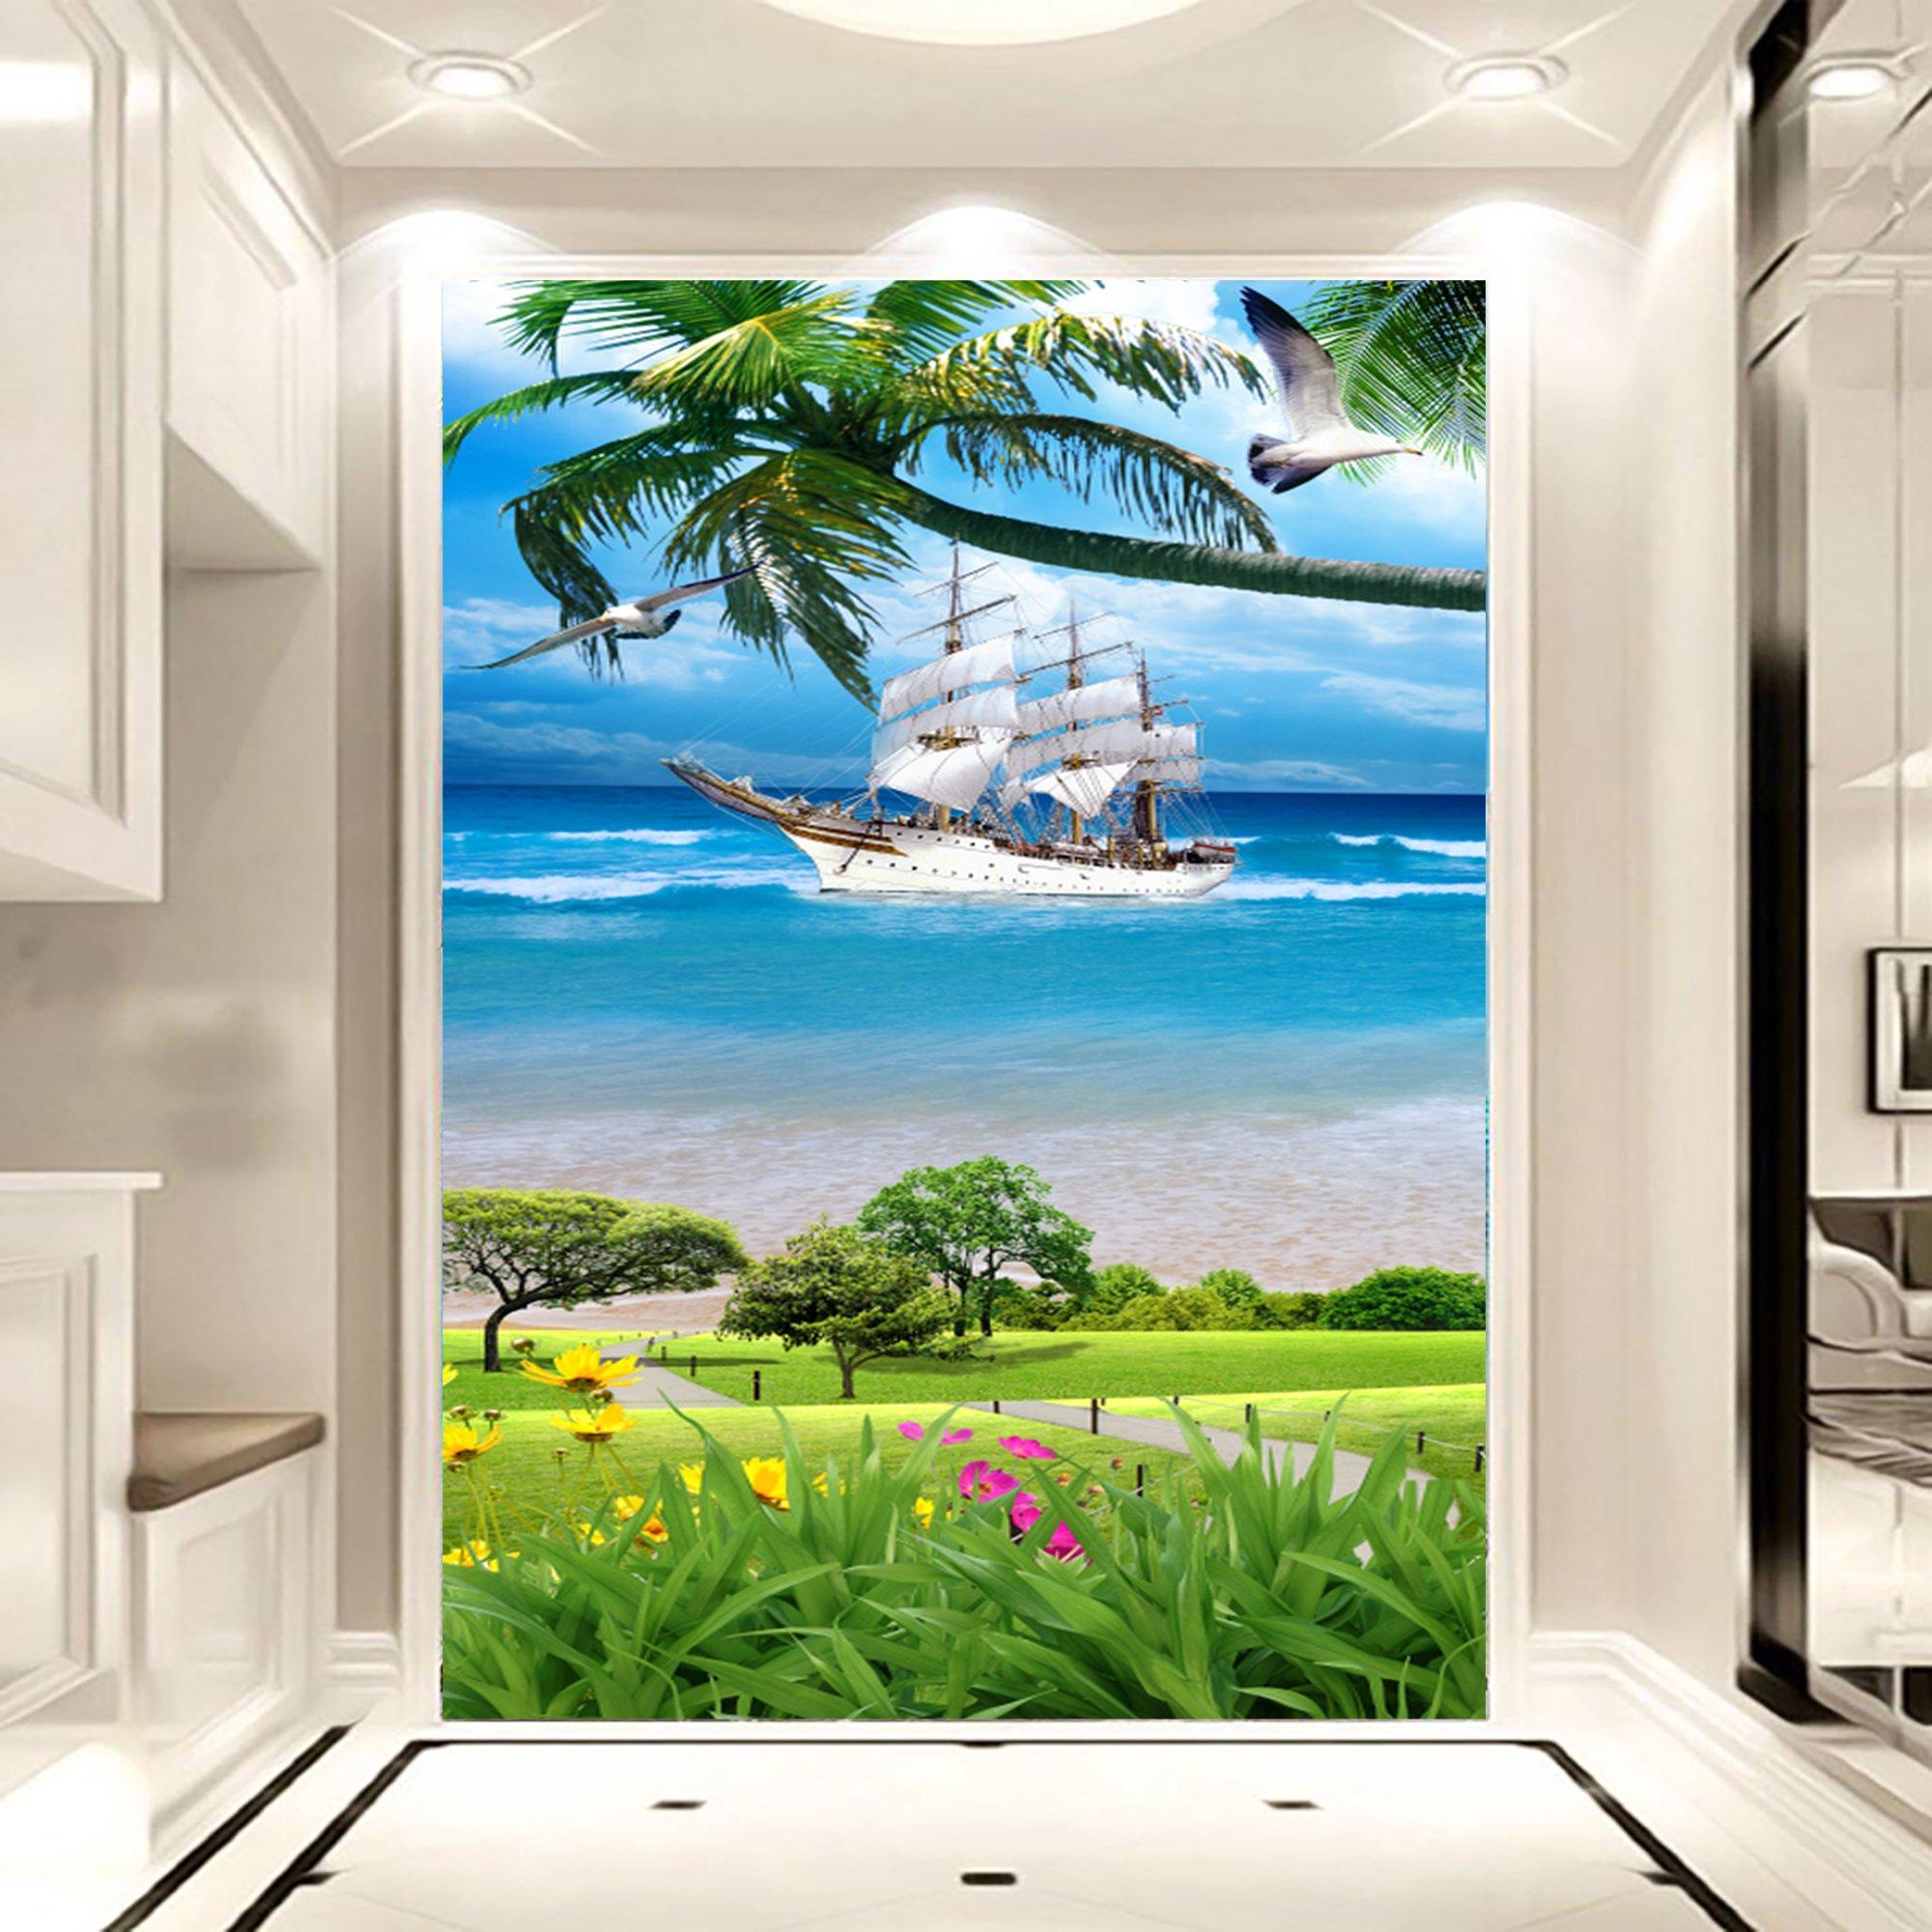 Tranh dán tường bãi biển xanh